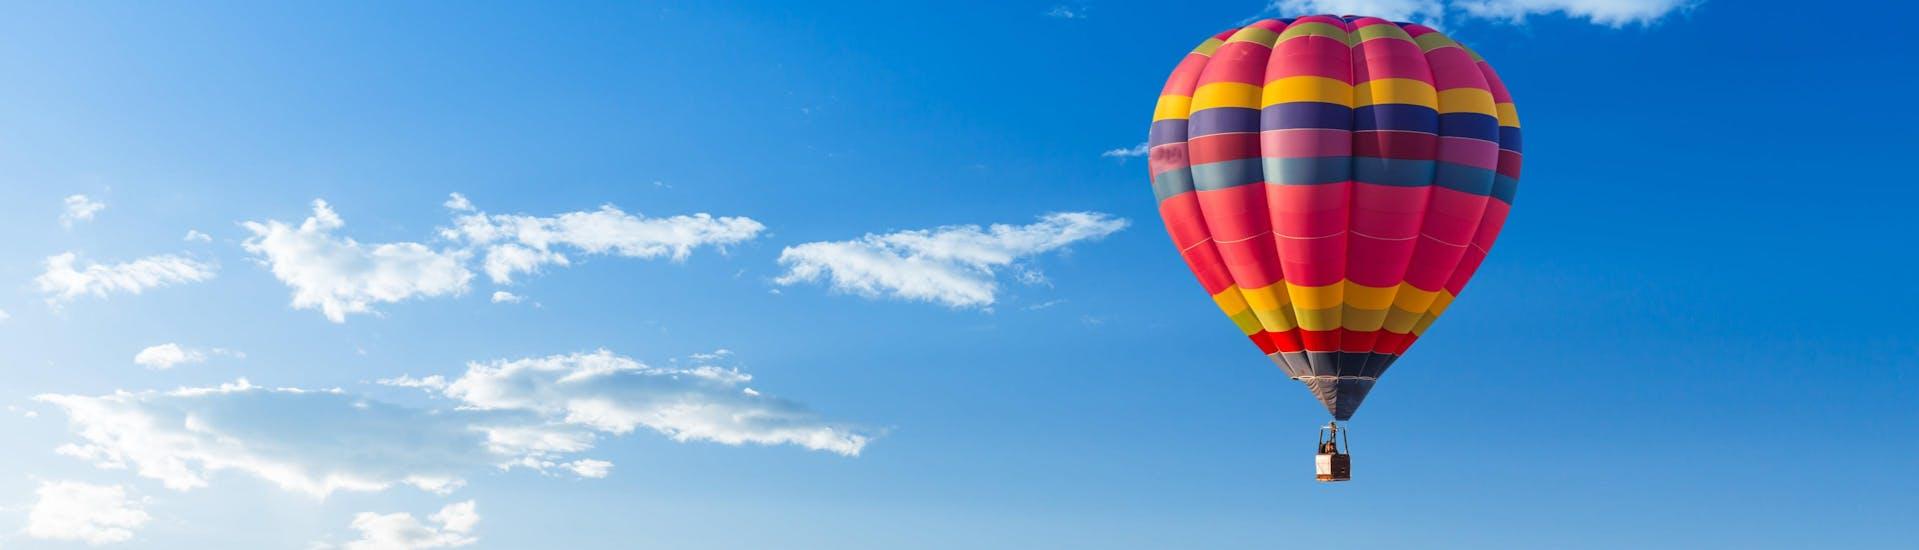 hot-air-balloon-rides-SEM-hero